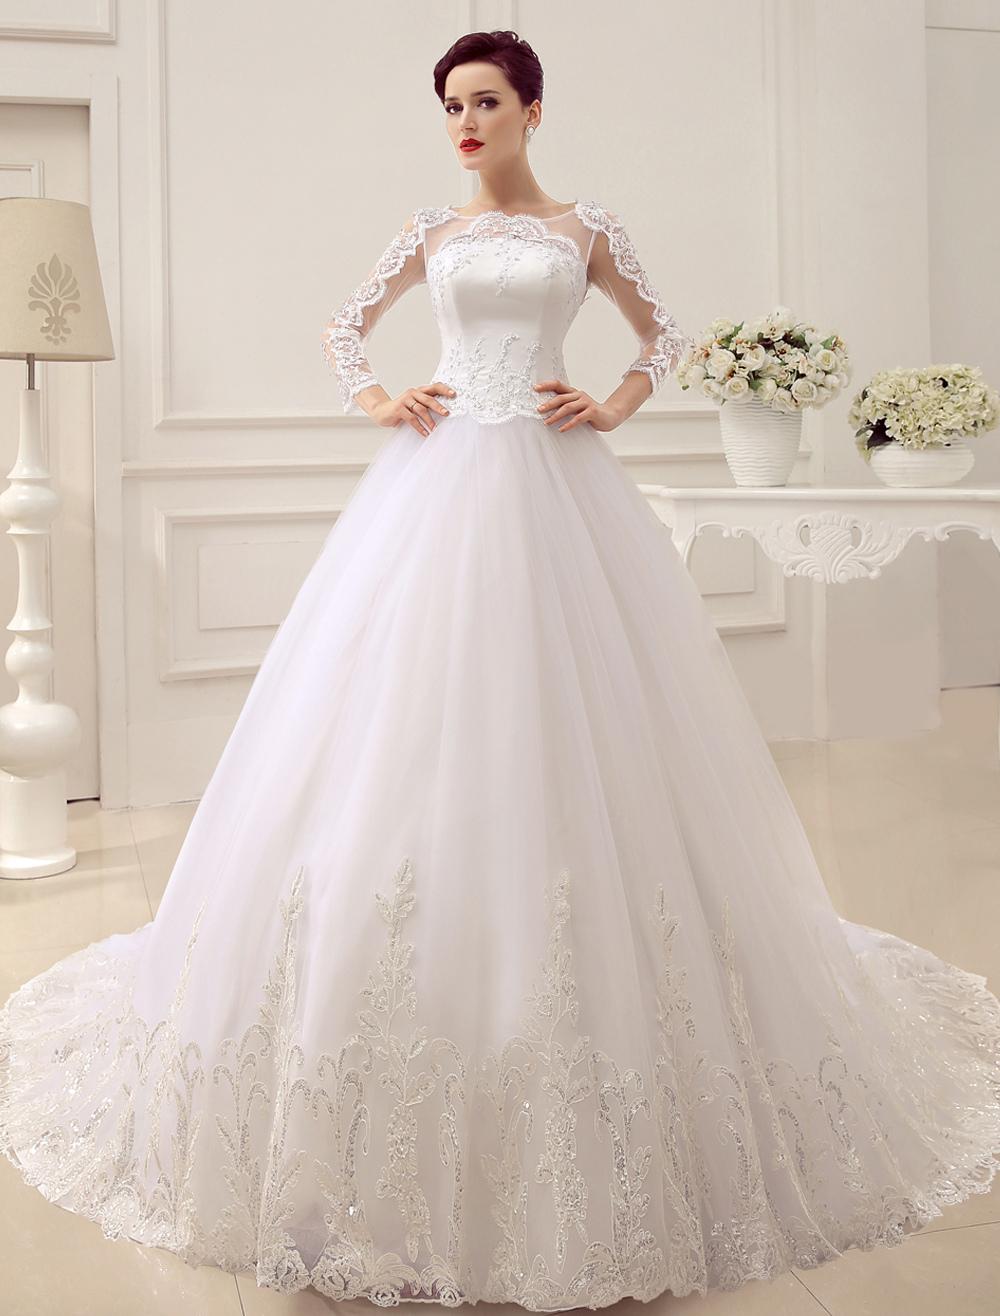 Vente de robe blanche a alger